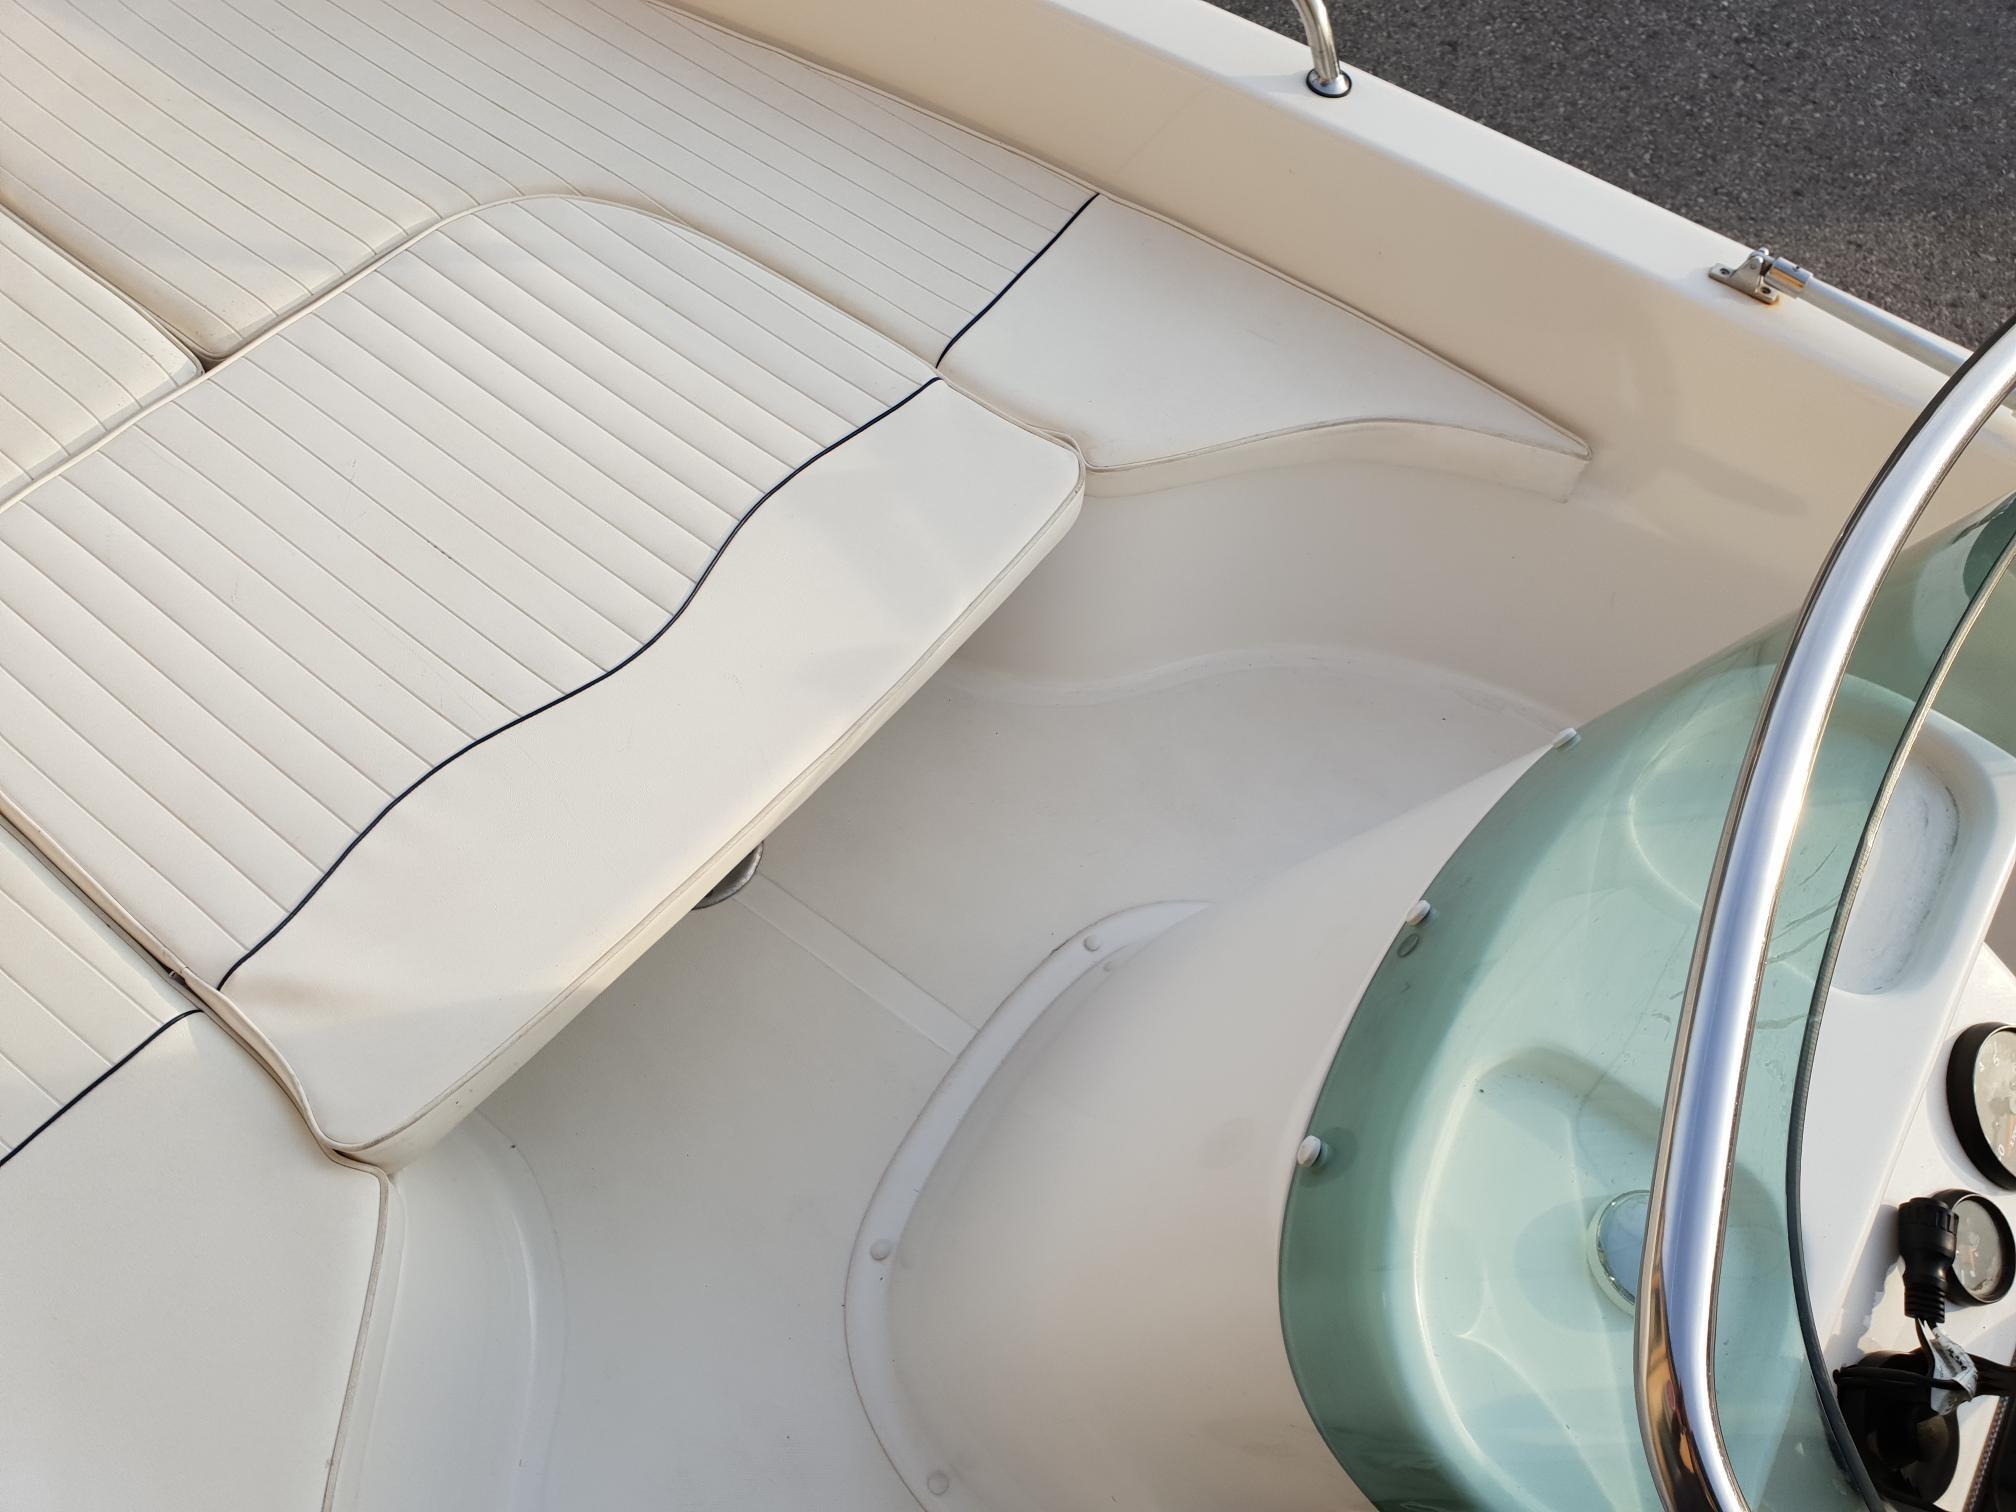 Foto Barca open Aquamar + Selva F40 + Carrello stradale - 4